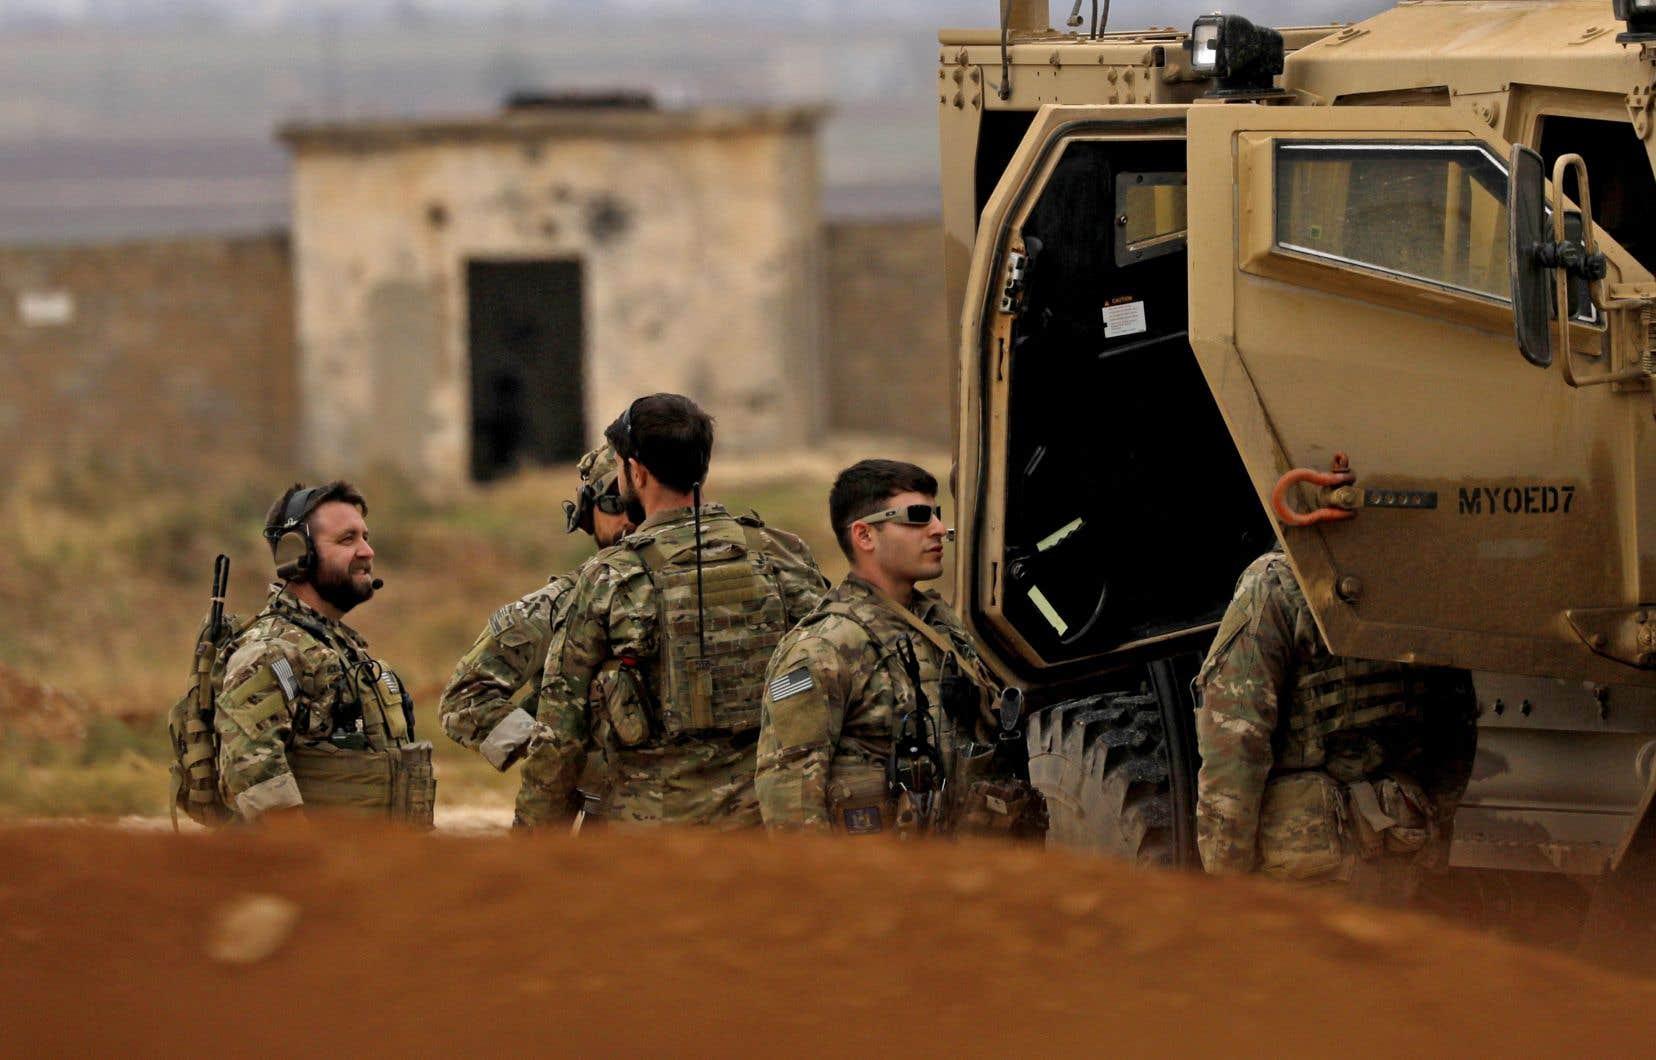 Des soldats américains et des membres des Forces démocratiques syriennes (FDS) patrouillent les rues d'al-Darbasiyah, dans le nord-est de la Syrie.